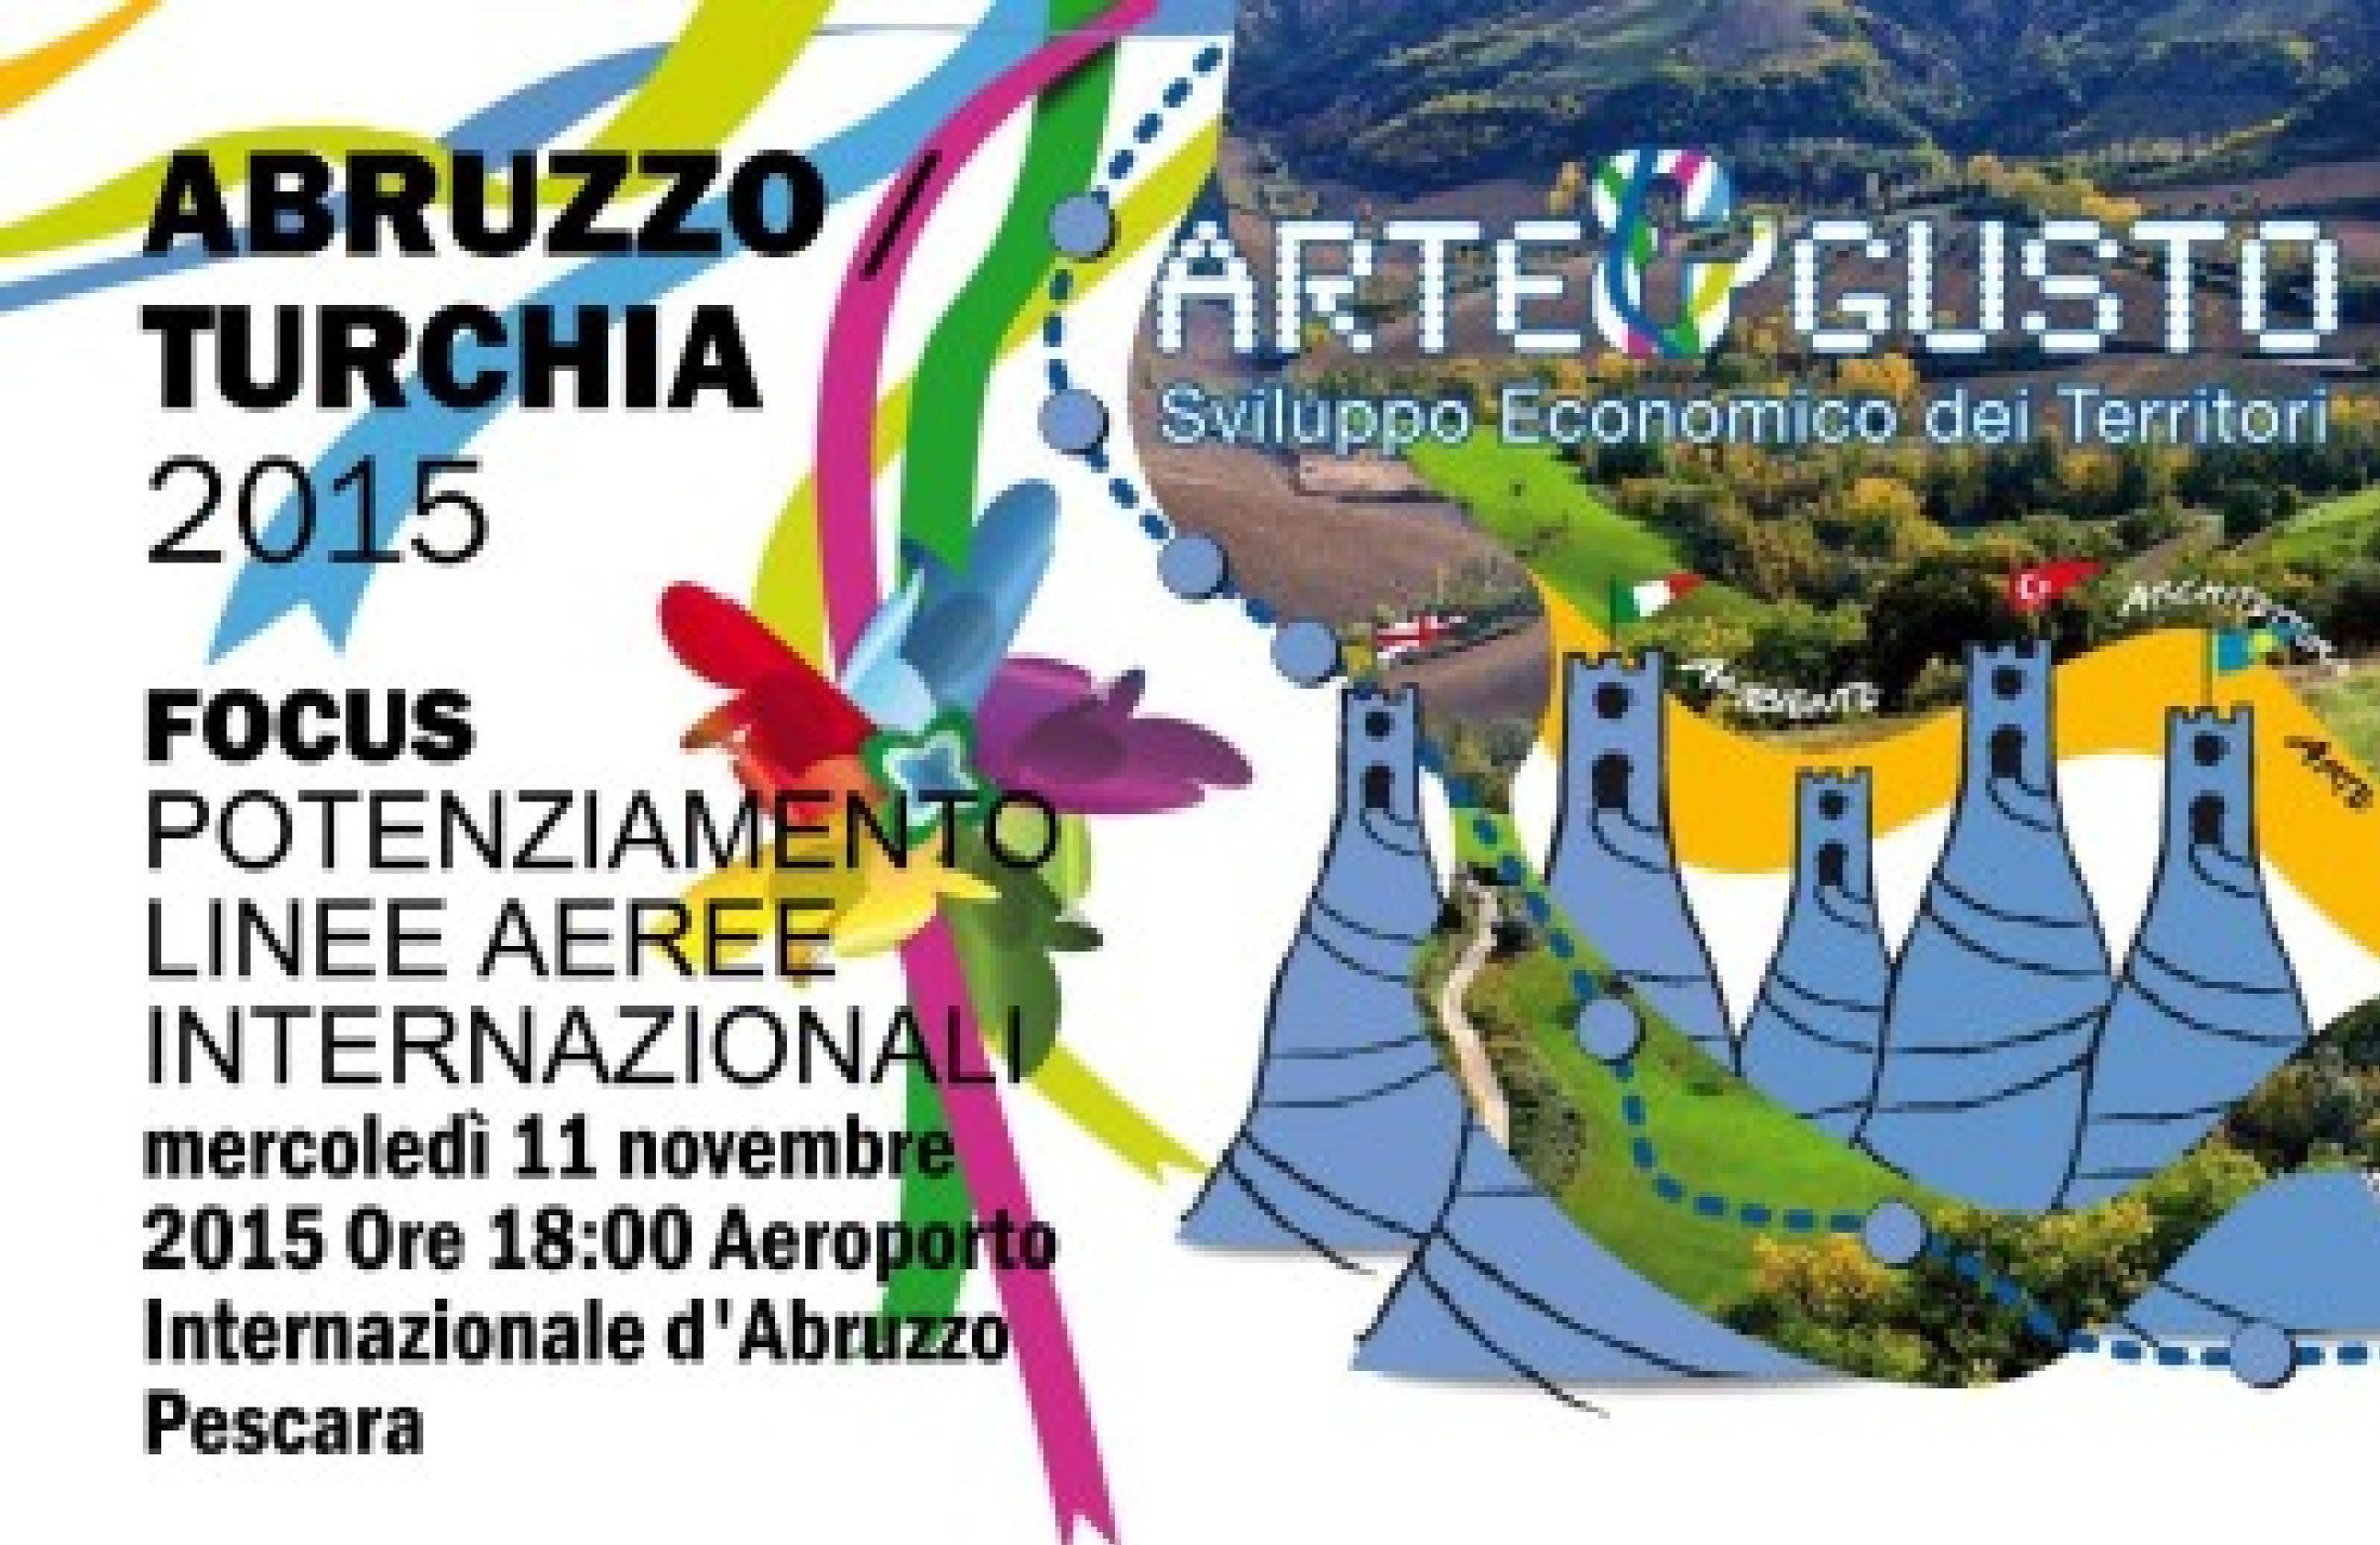 A&G-2015-COPERTINA-TURCHIA2